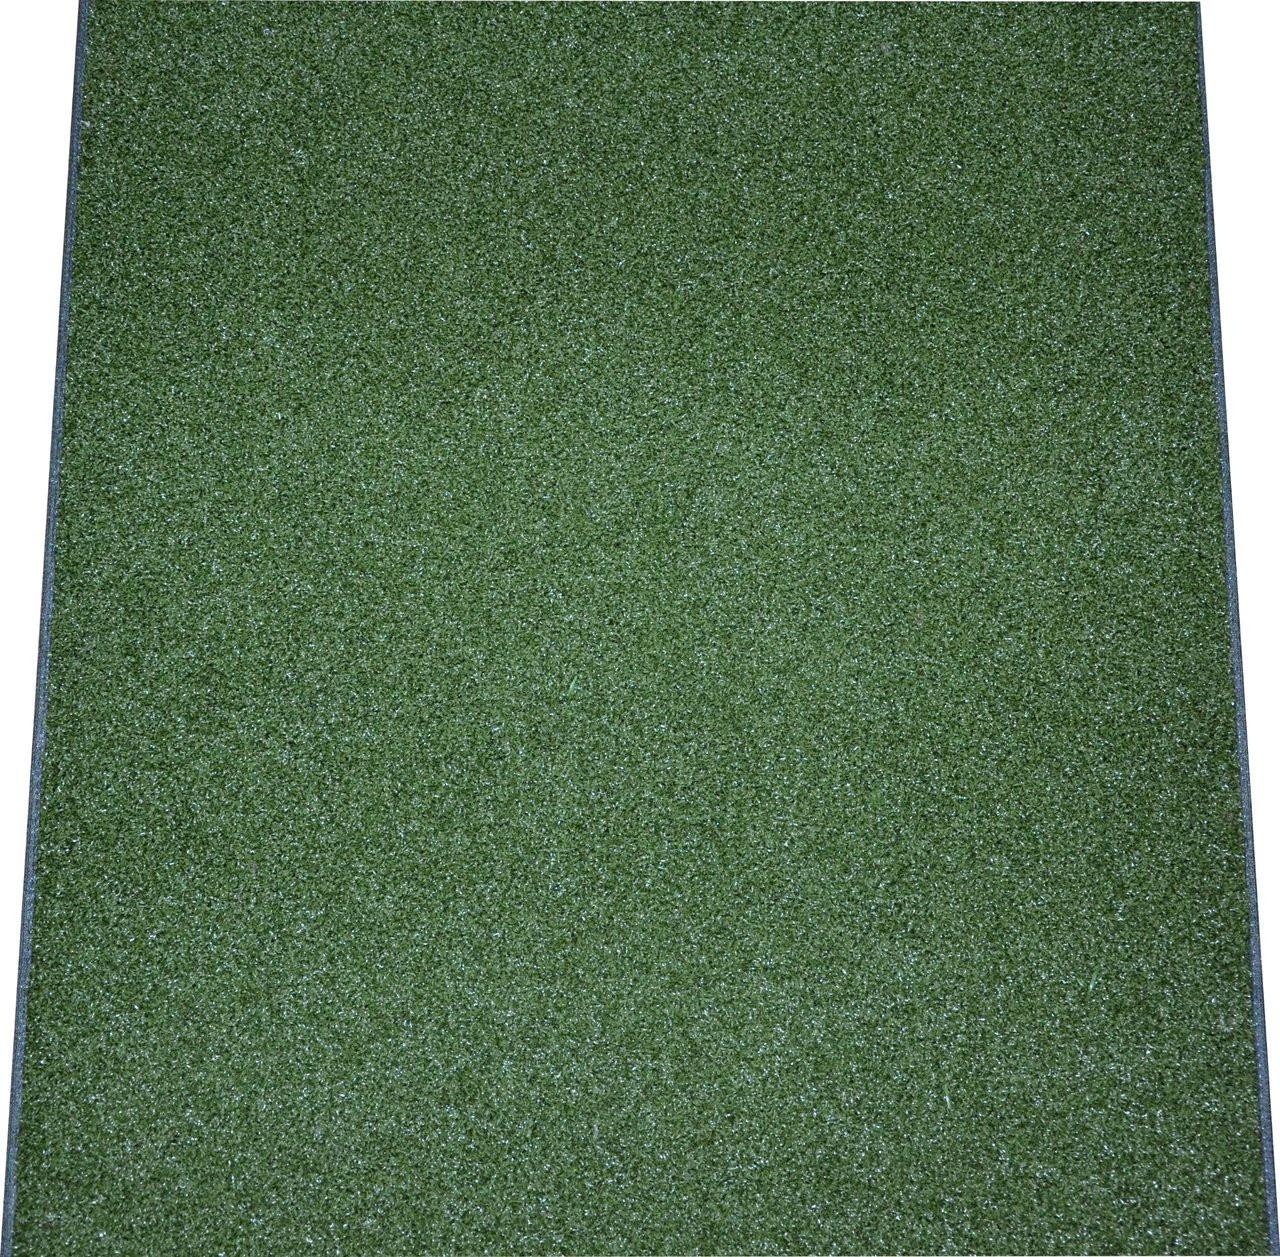 Premium Indoor Outdoor Artificial Grass Turf Mat